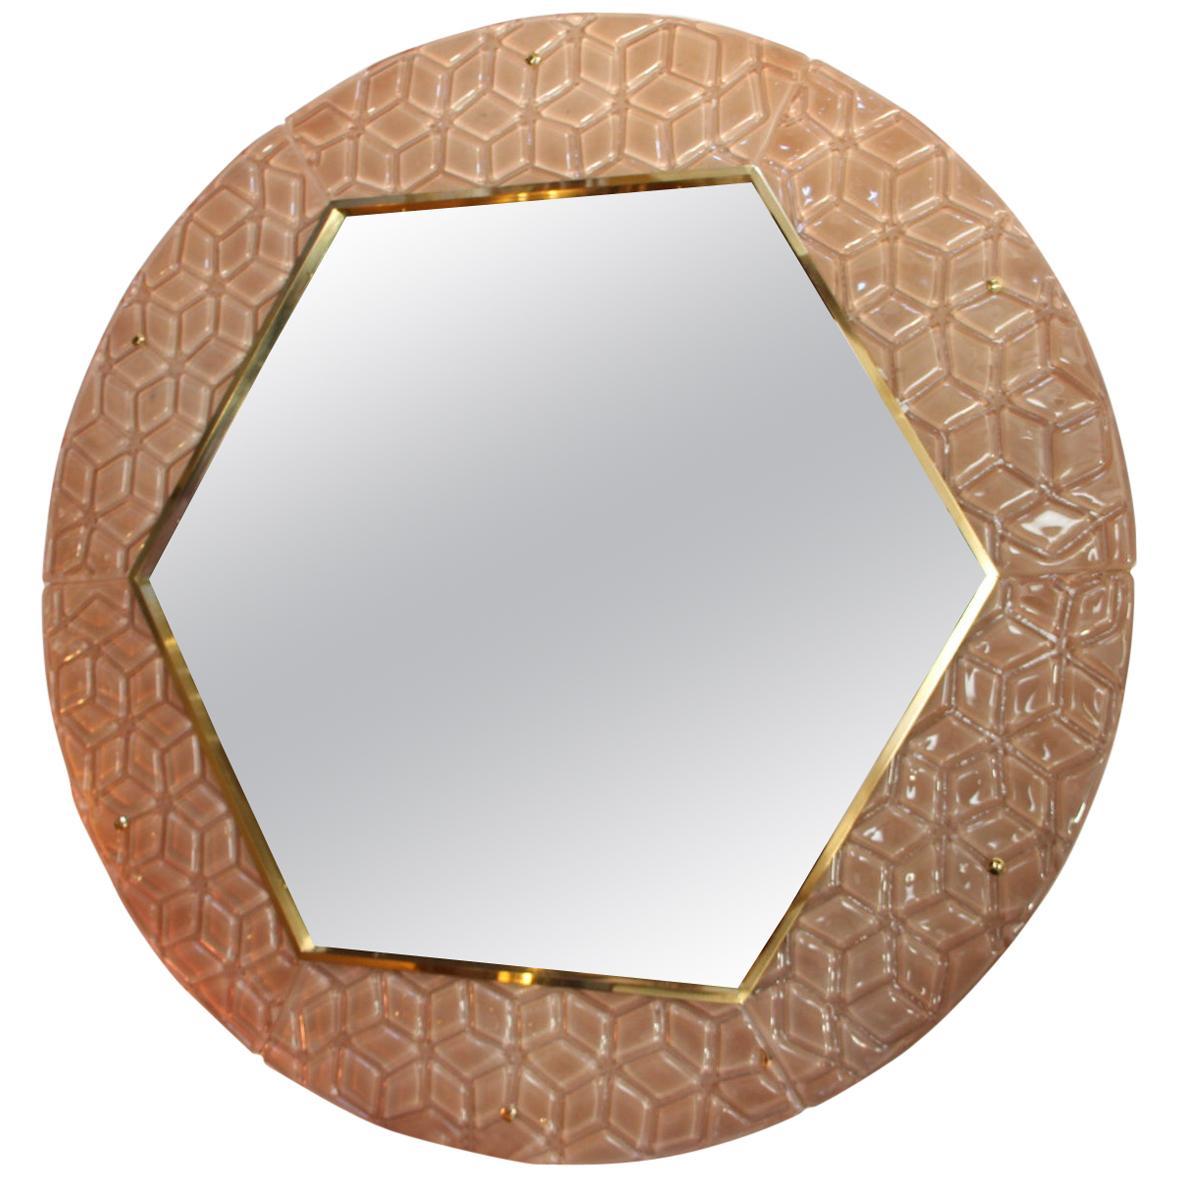 Modern Round Pink Textured Murano Glass Surround Mirror